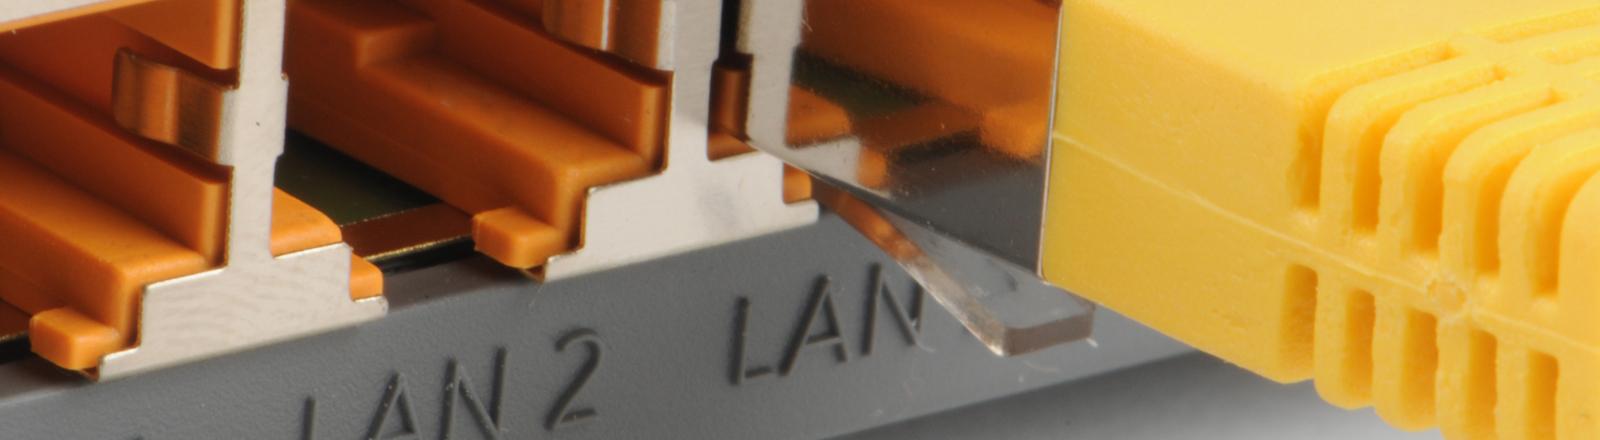 Rückseite eines Routers